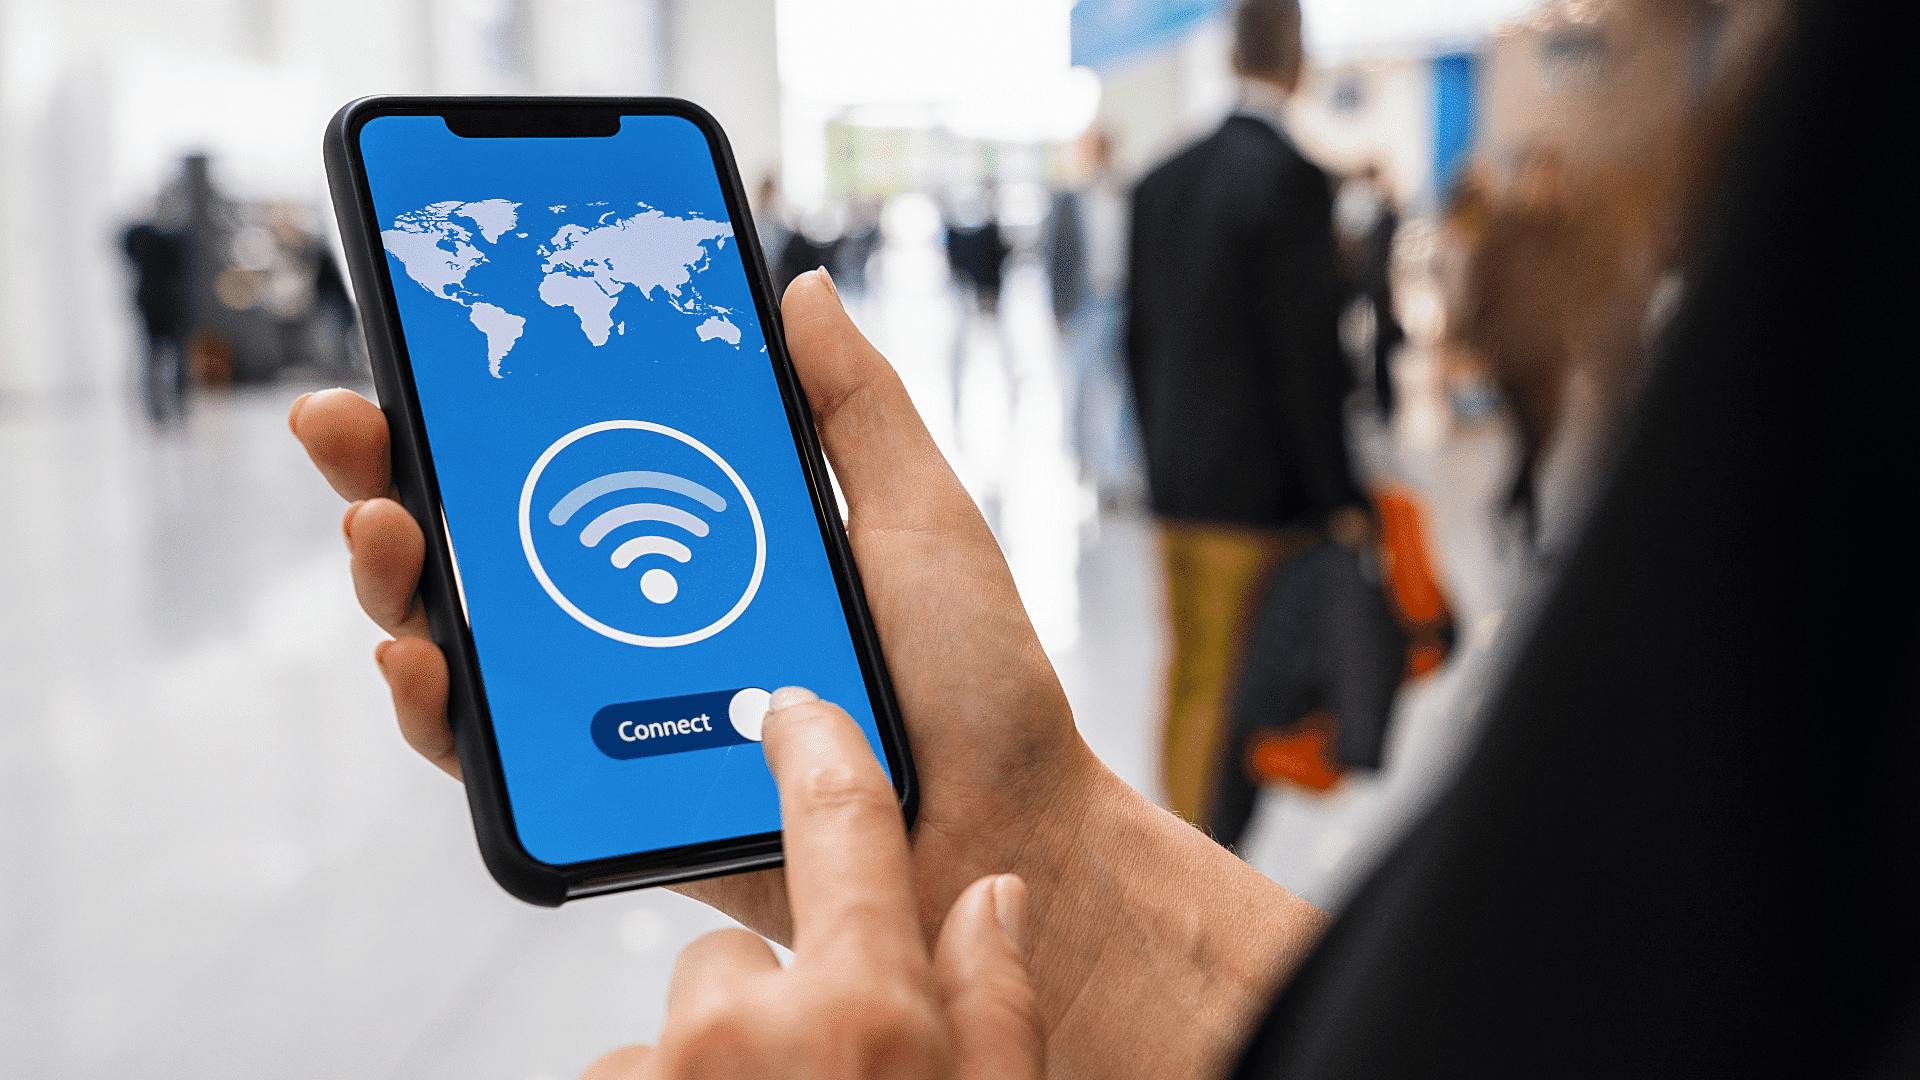 Collaboratore accede a rete VPN attraverso dispositivo mobile